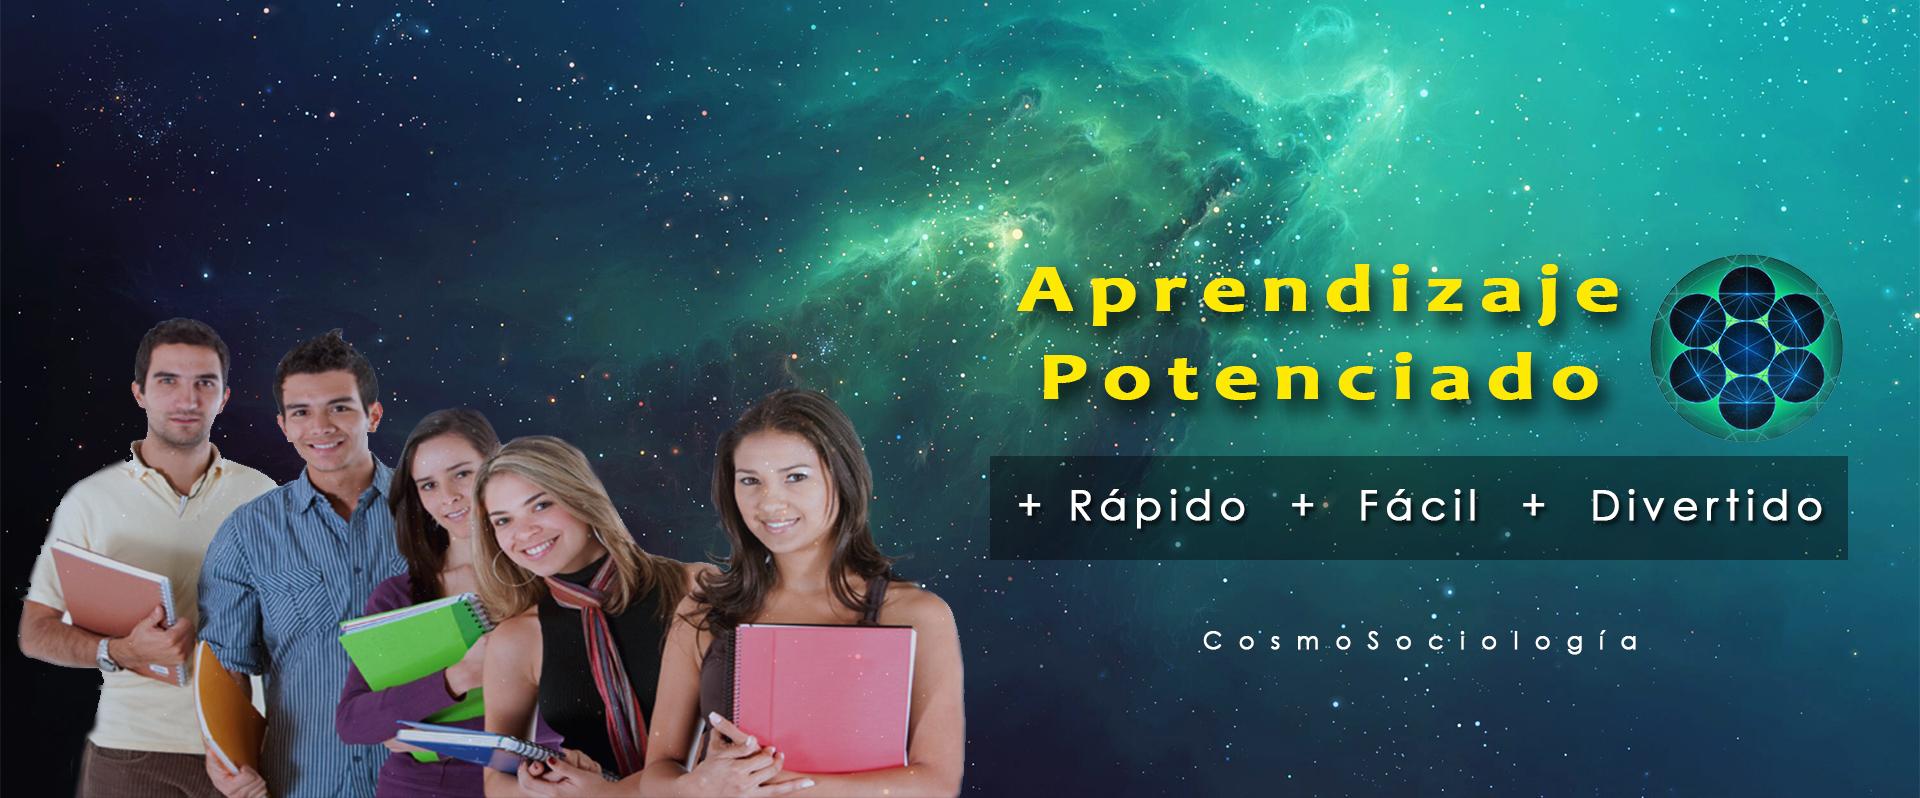 aprendizaje-potenciado-cosmosociologia-2